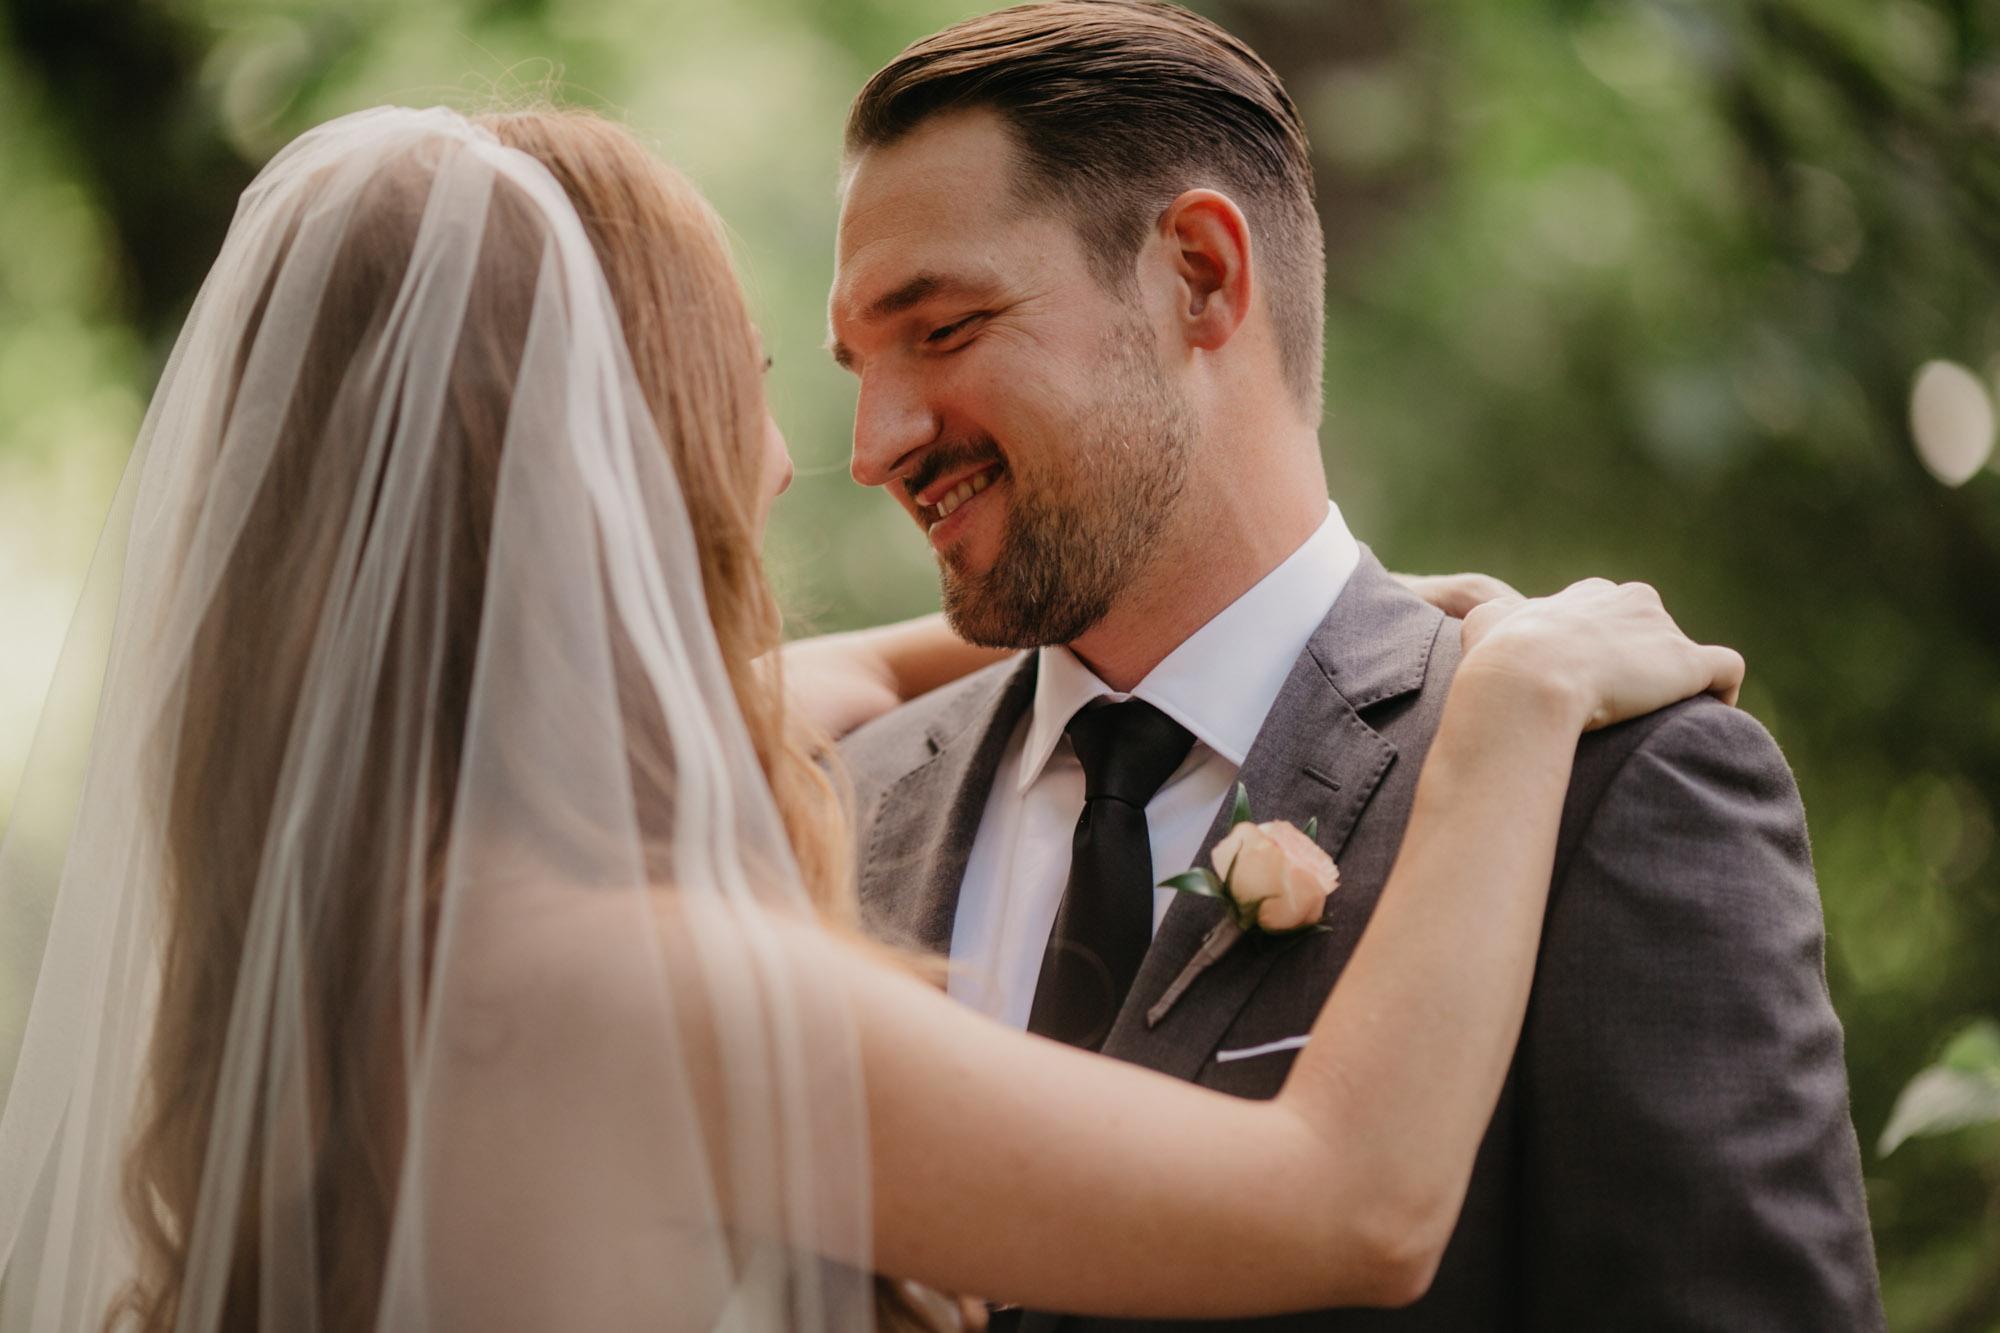 elmwood-park-wedding-photographer-nicole-jon-7.jpg